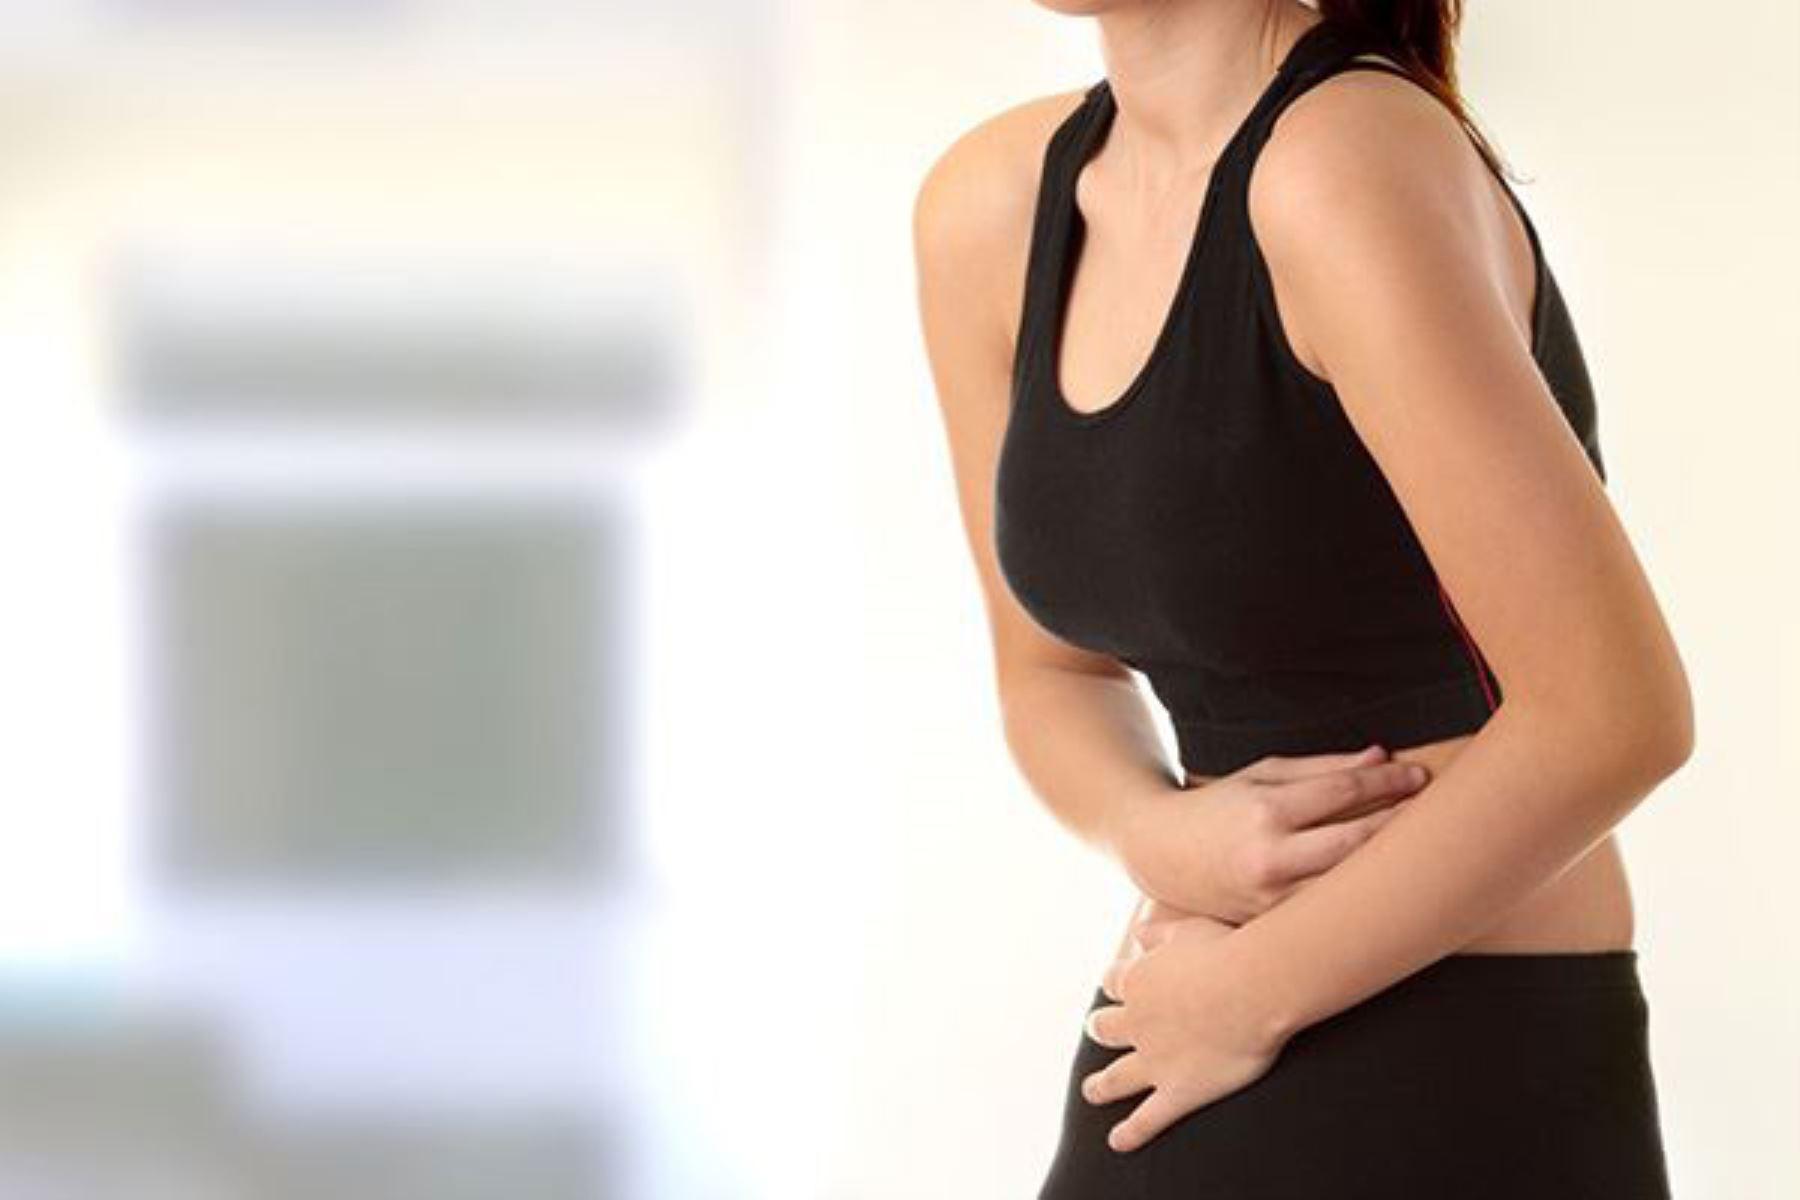 Endometriosis, mal que puede afecta la salud reproductiva de la mujer |  Noticias | Agencia Peruana de Noticias Andina